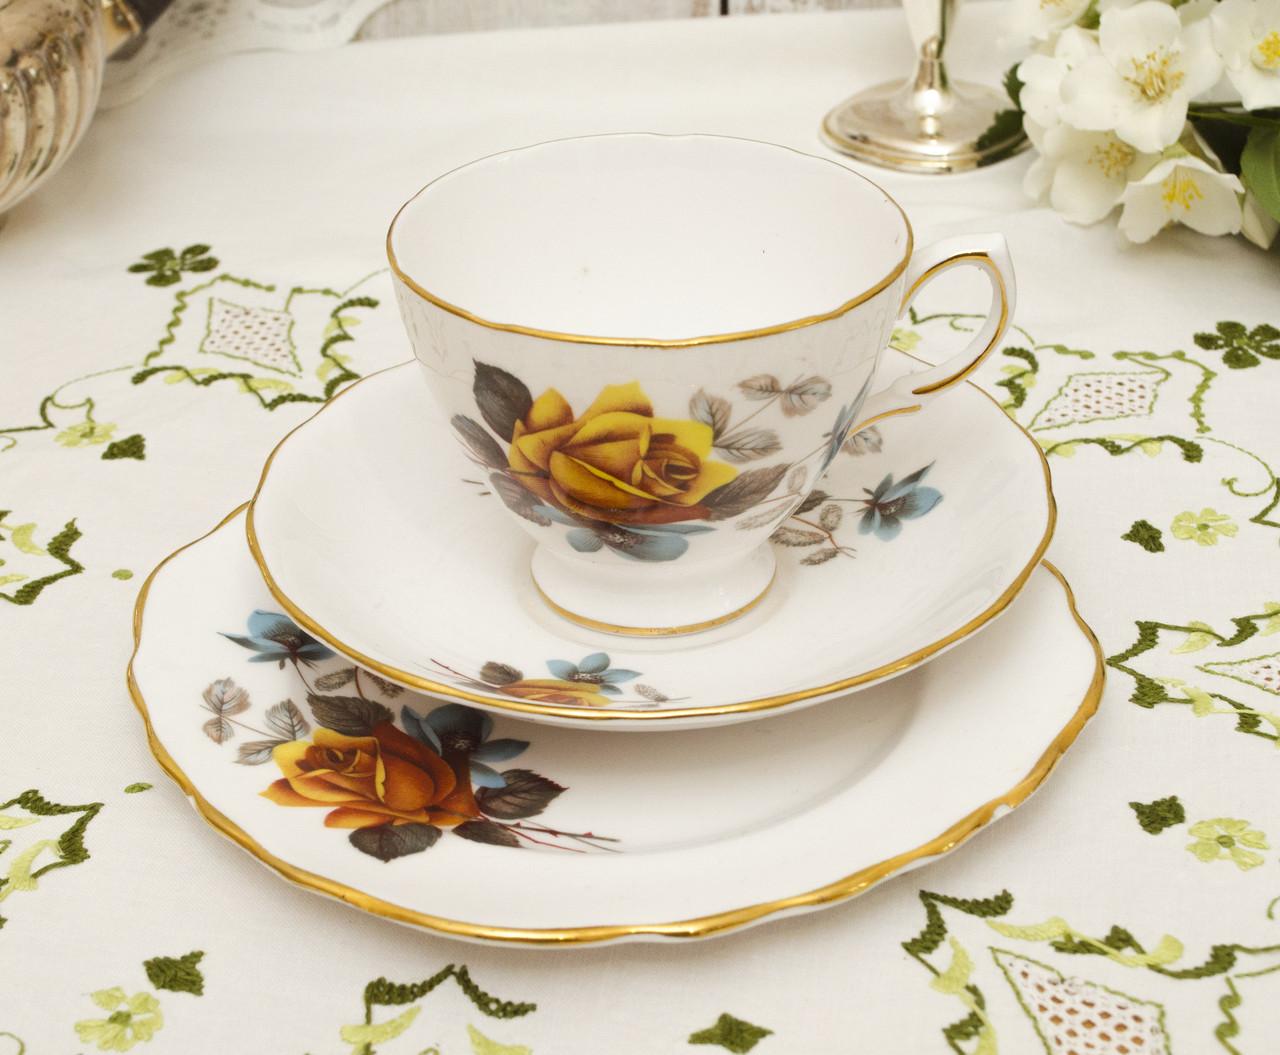 Винтажная английская фарфоровая тройка, чашка, блюдце и тарелка, фарфор, Англия, Royal Vale